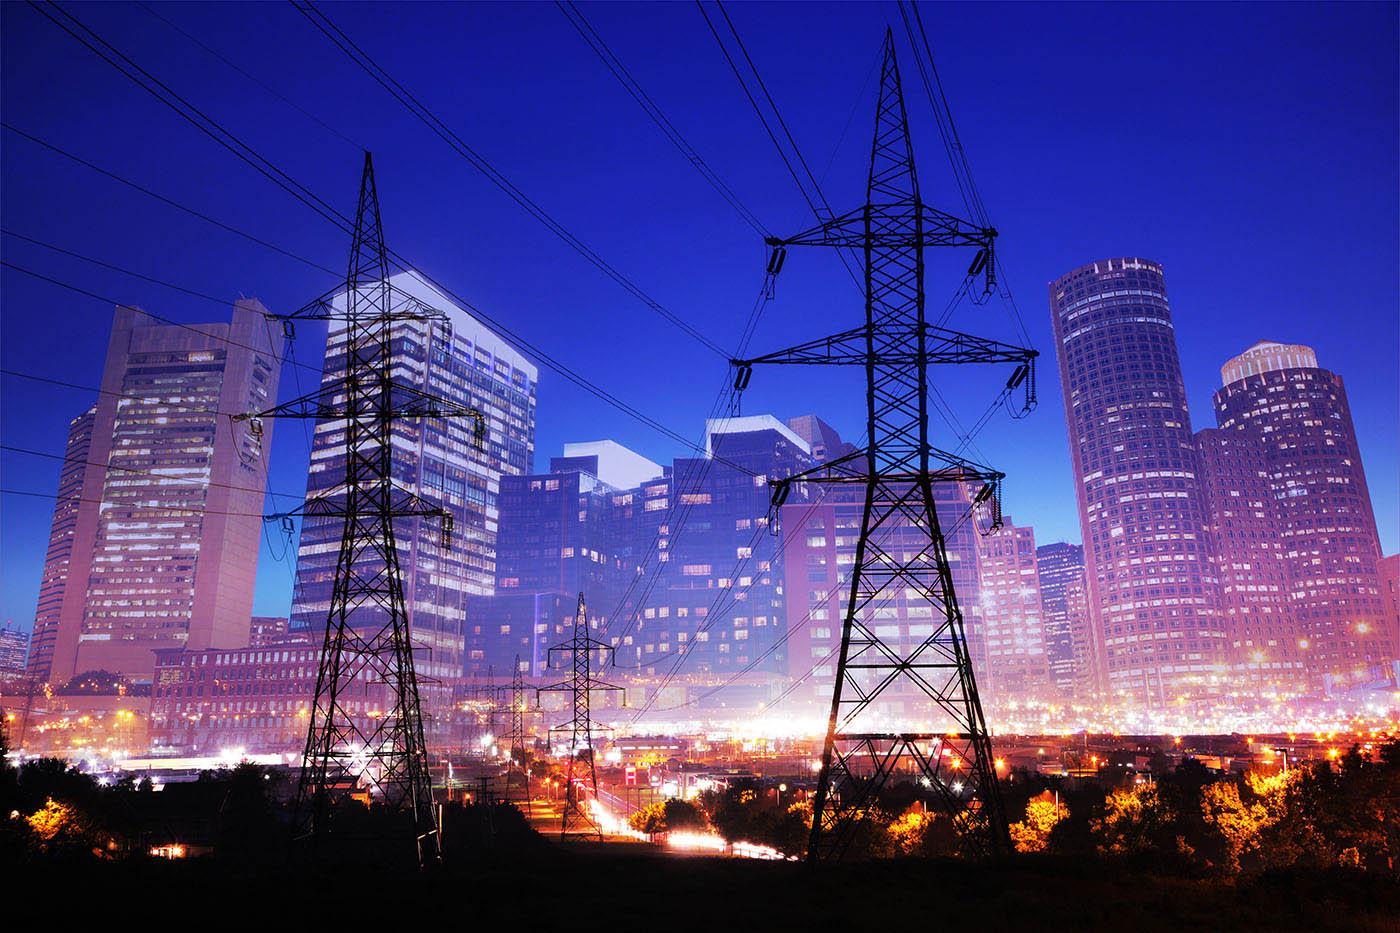 Urban Energy 2 - Stock Photo